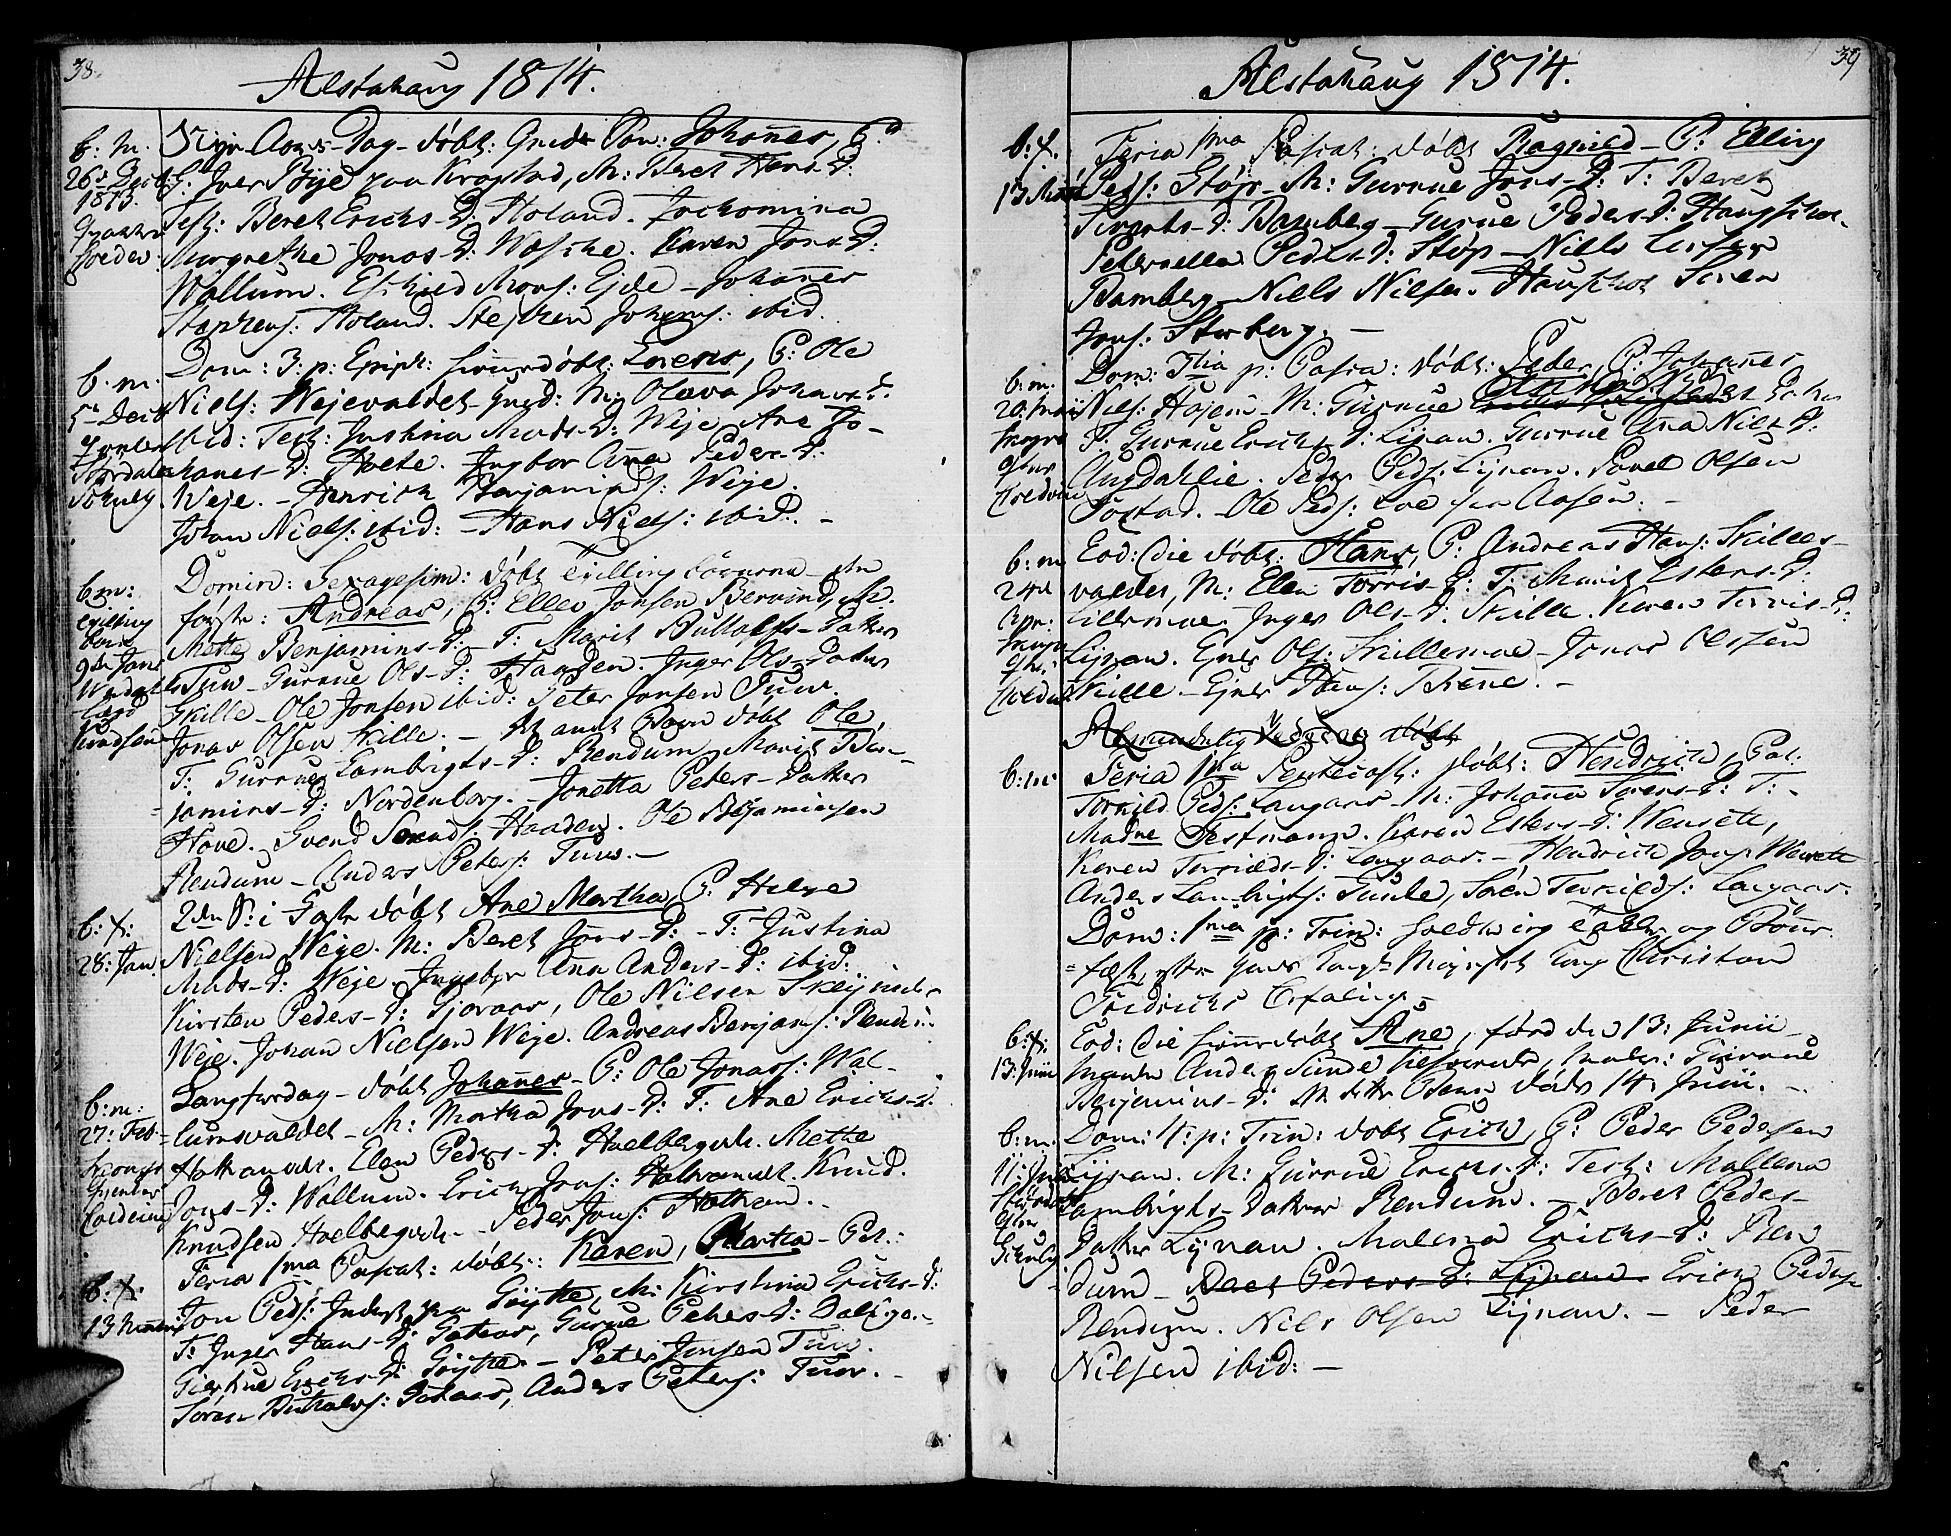 SAT, Ministerialprotokoller, klokkerbøker og fødselsregistre - Nord-Trøndelag, 717/L0145: Ministerialbok nr. 717A03 /1, 1810-1815, s. 38-39